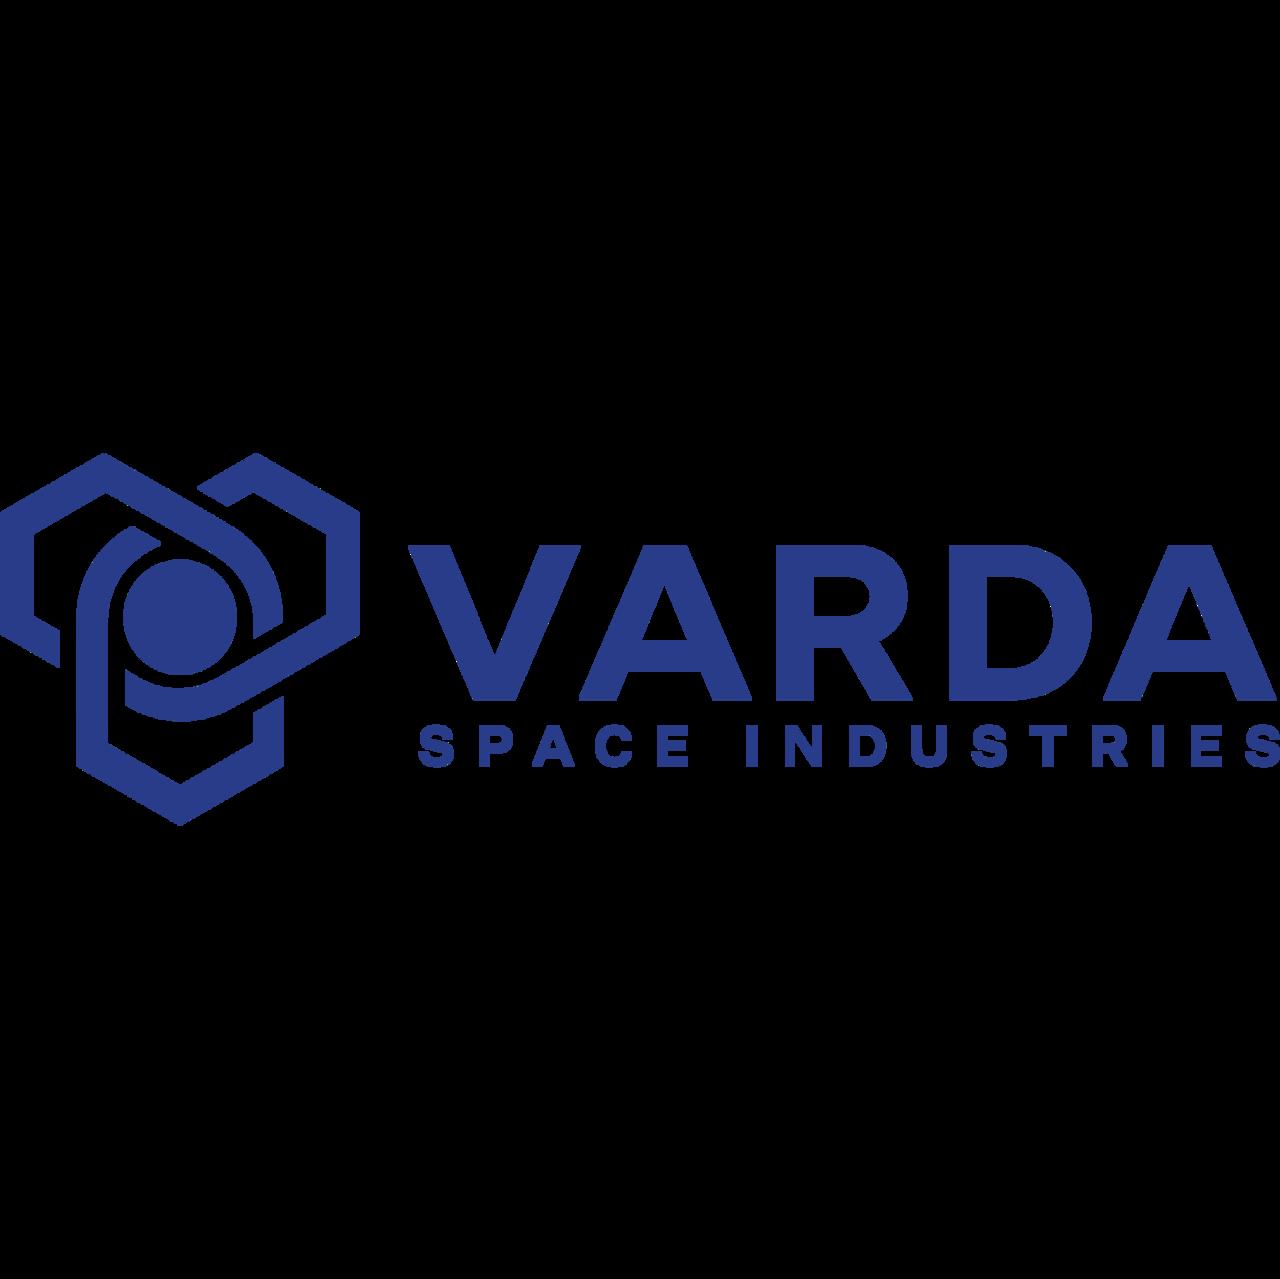 Varda Space Industries